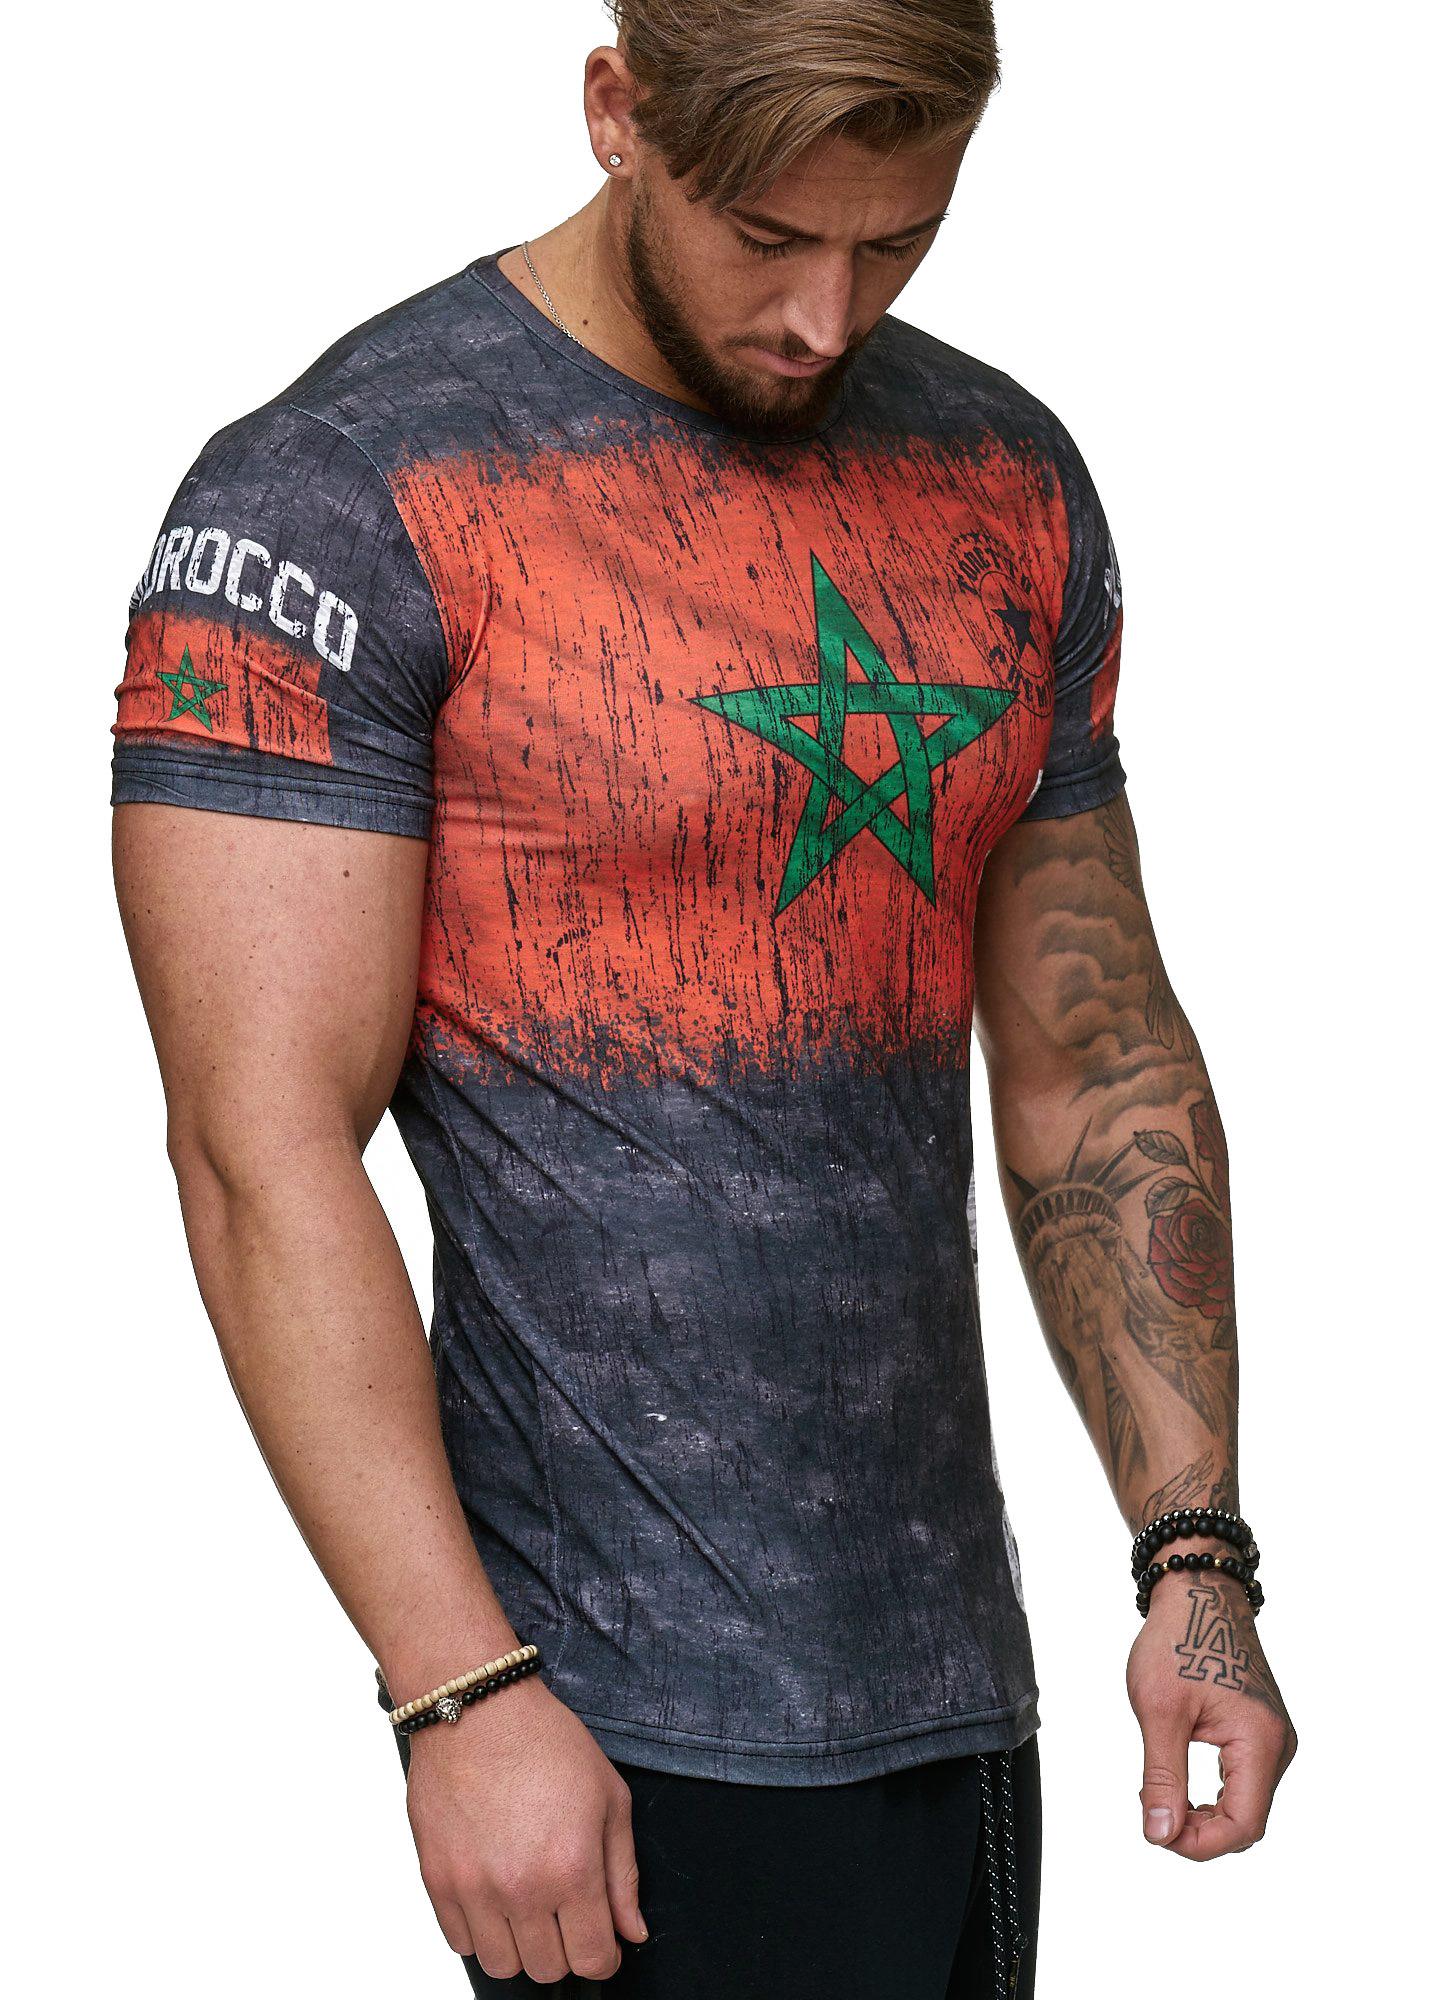 Paesi-da-Donna-T-shirt-A-Maniche-Corte-Girocollo-donne-CALCIO-Fanshirt-John-Kayna miniatura 29